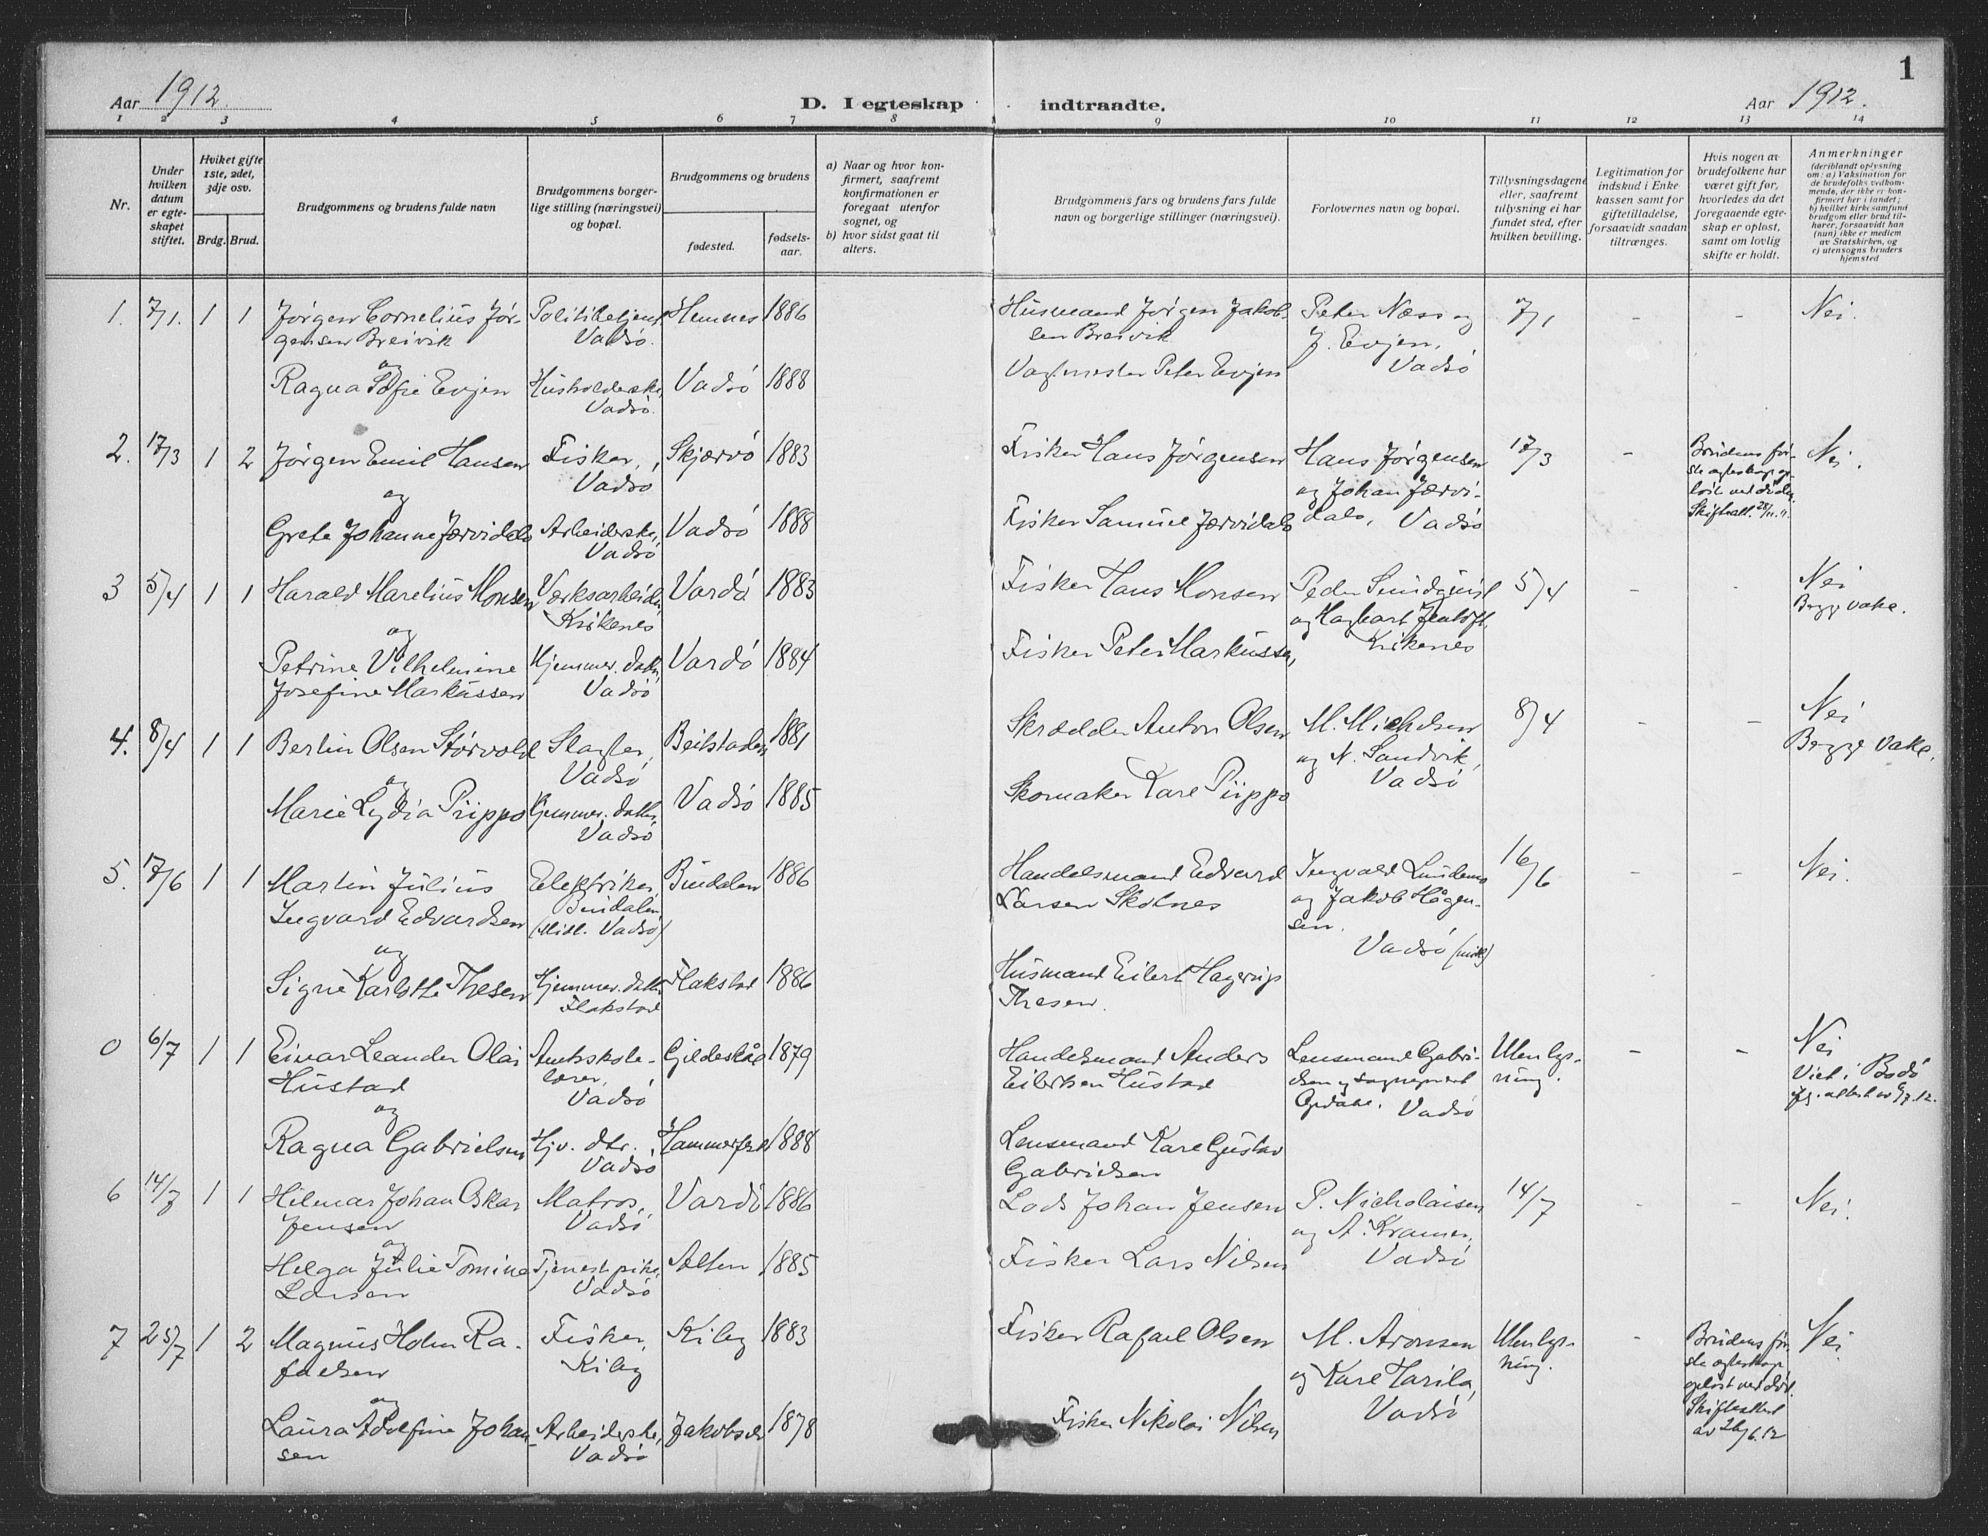 SATØ, Vadsø sokneprestkontor, H/Ha/L0008kirke: Ministerialbok nr. 8, 1912-1930, s. 1